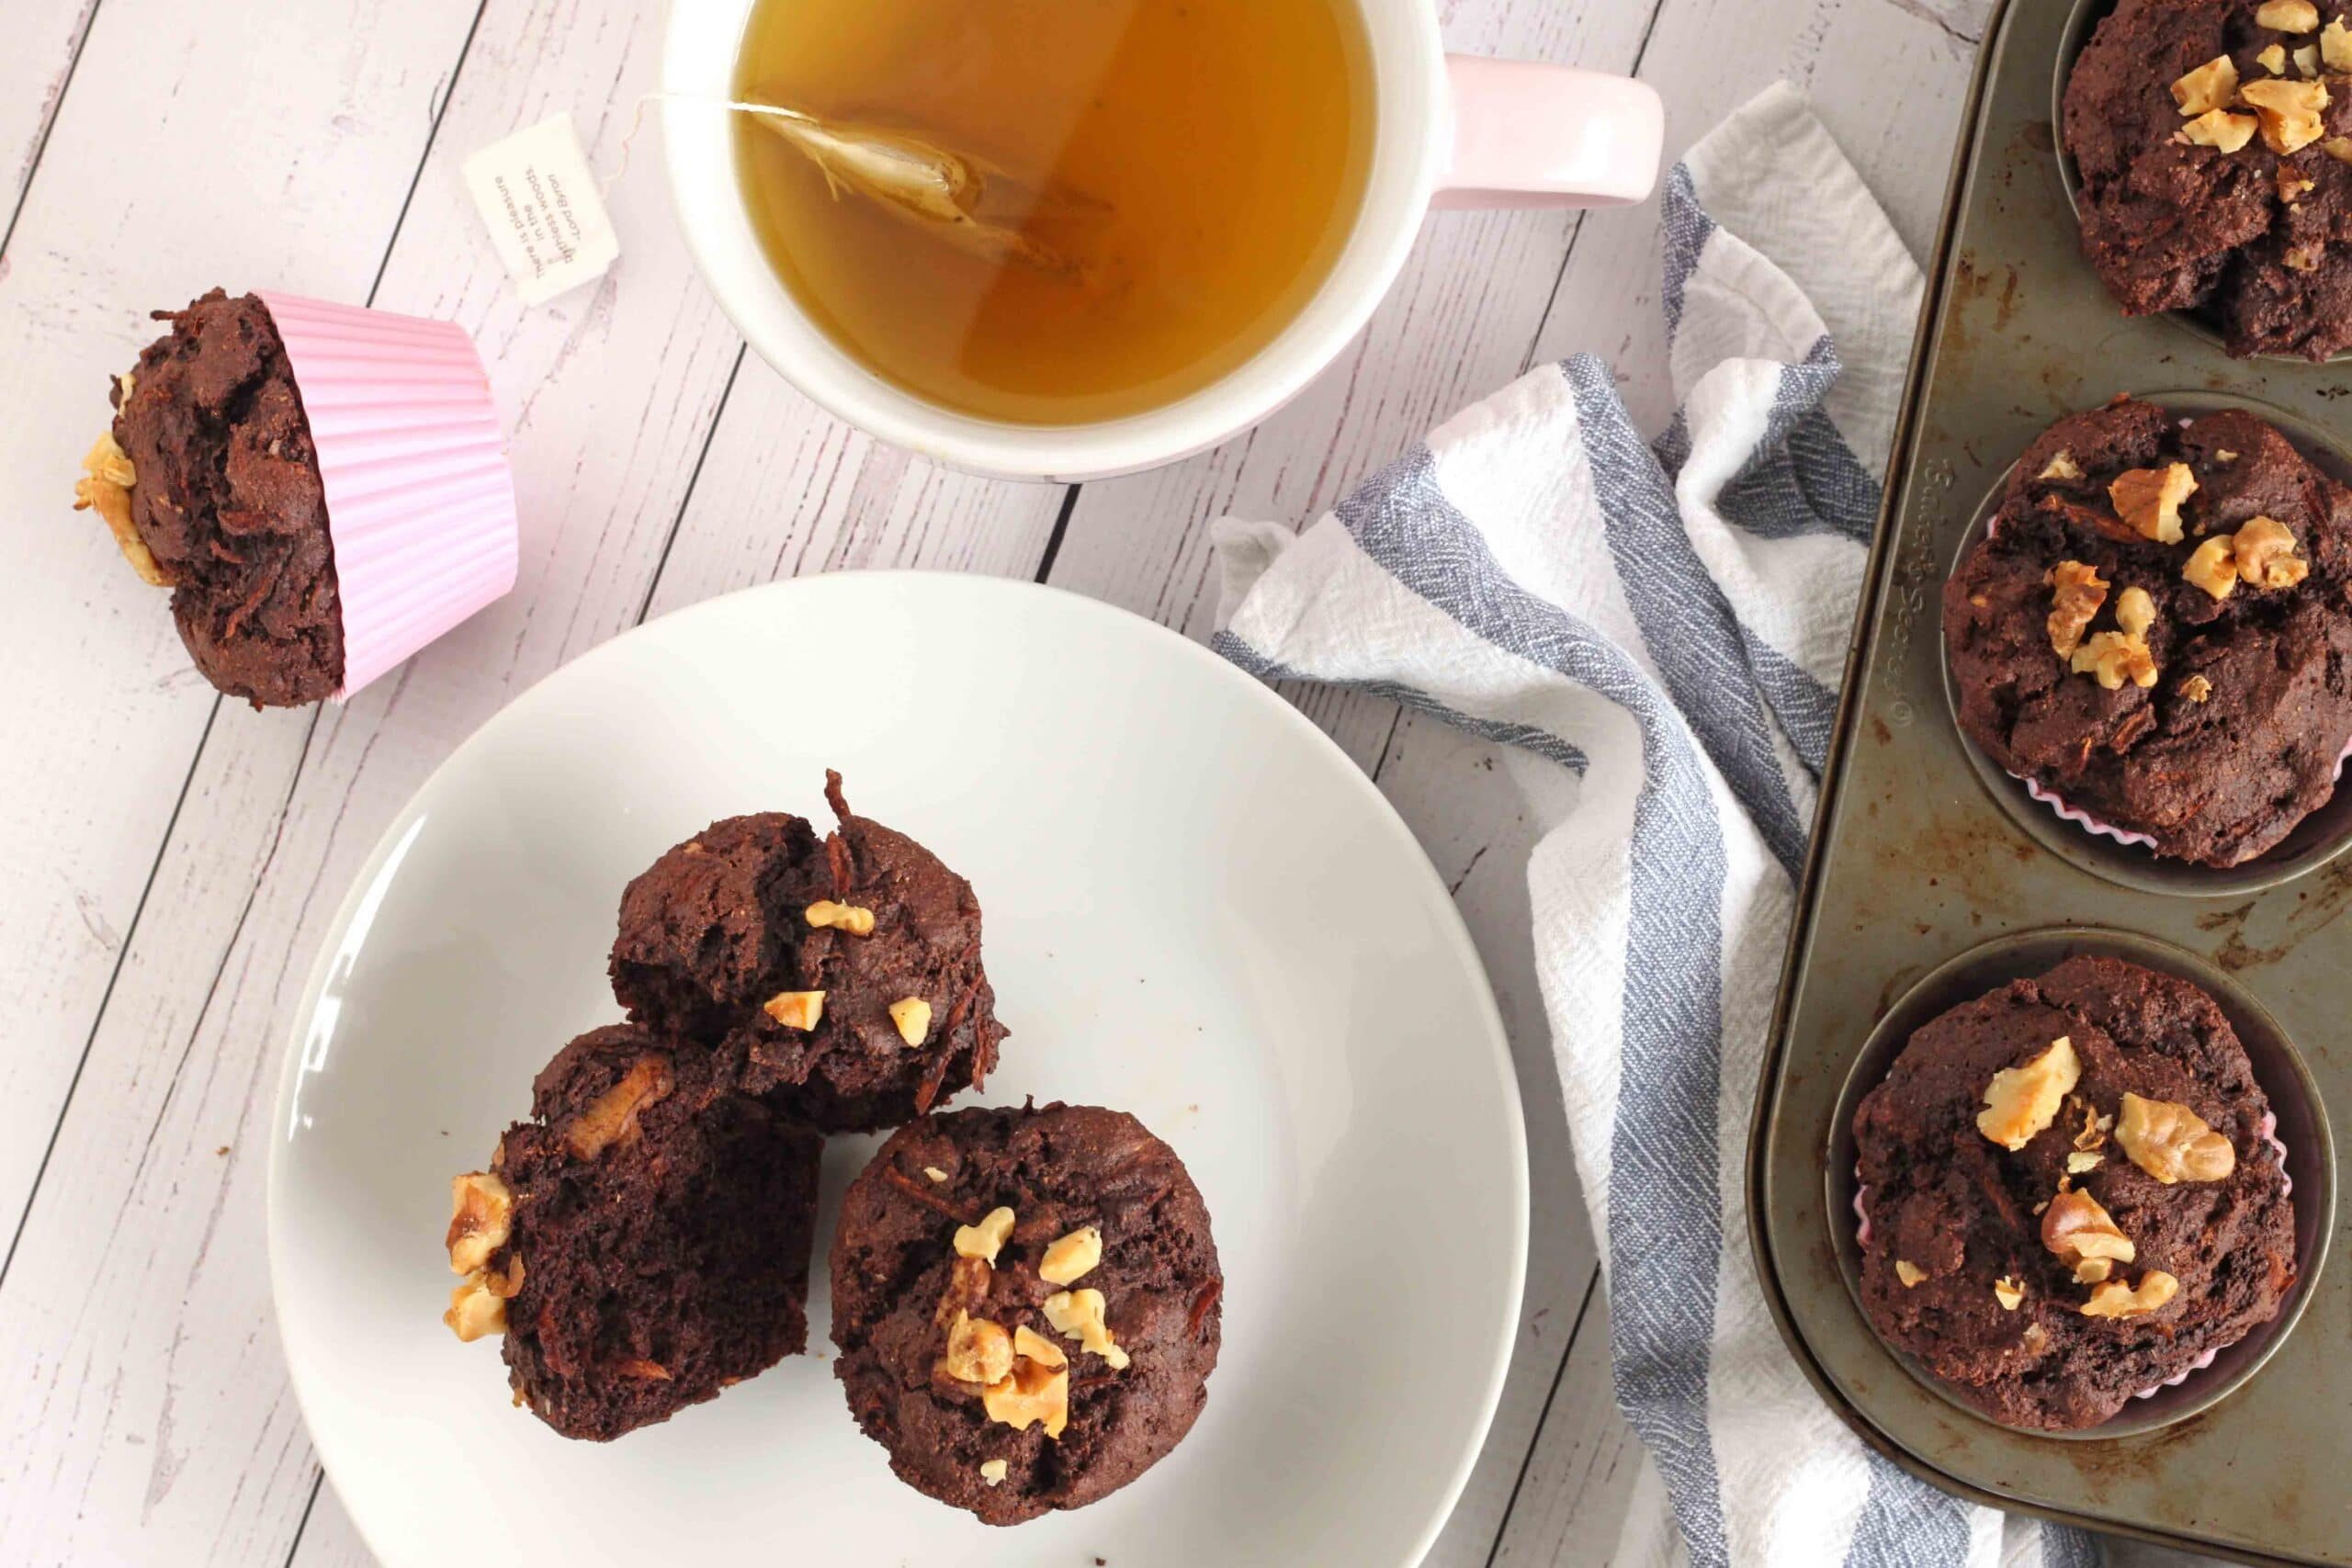 Chocolate Zucchini Muffins by Jesse Lane Wellness